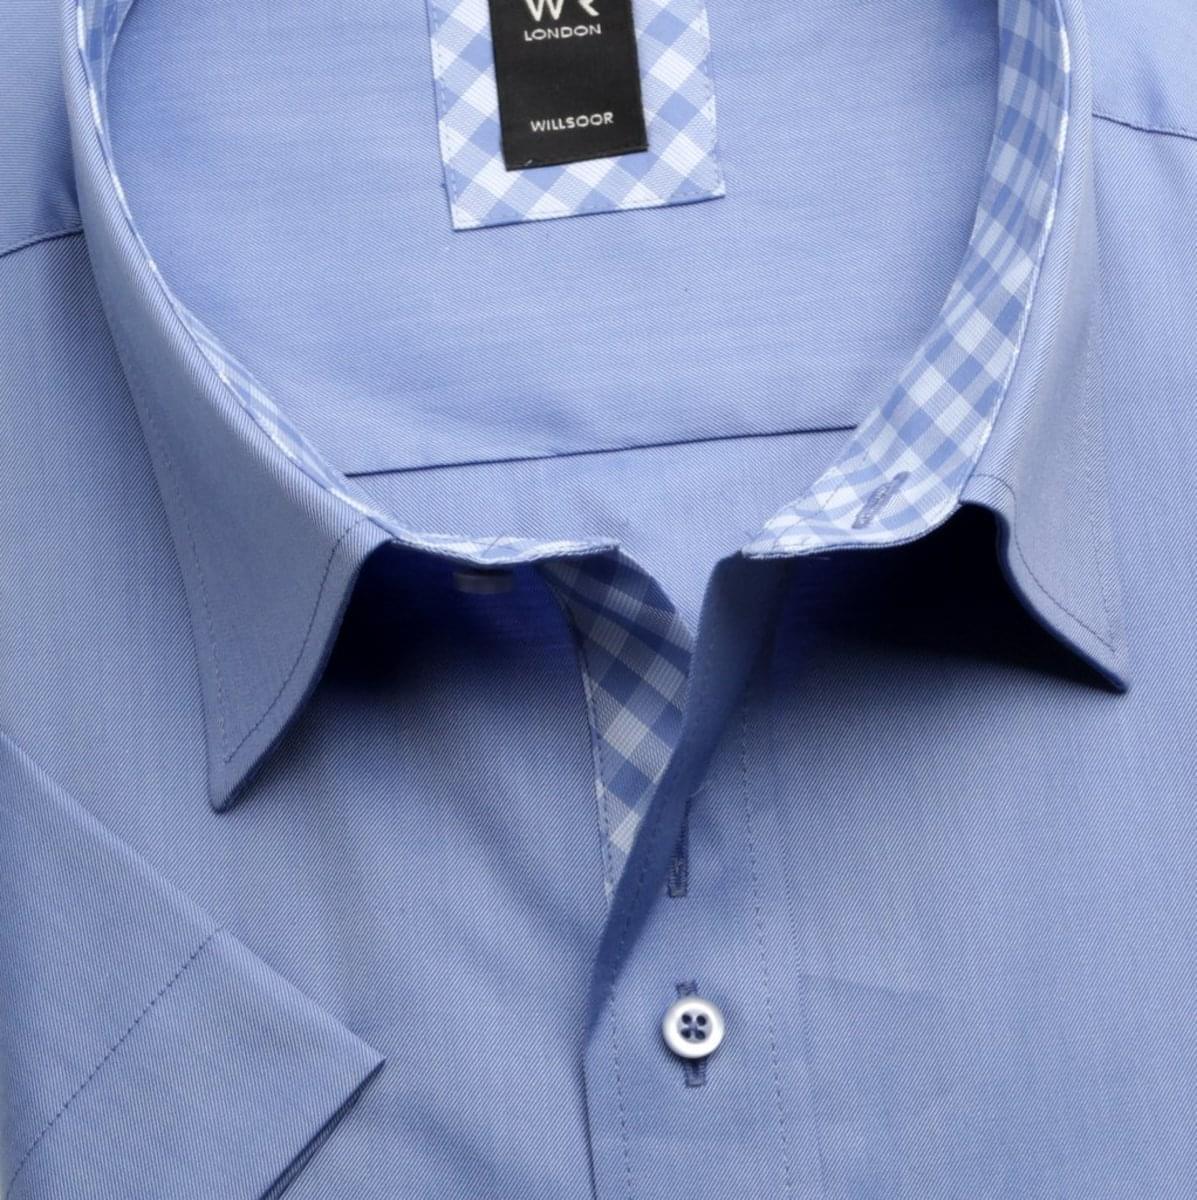 Pánska košele WR London s krátkym rukávom v modré farbe (výška 176-182) 5127 176-182 / 49/50